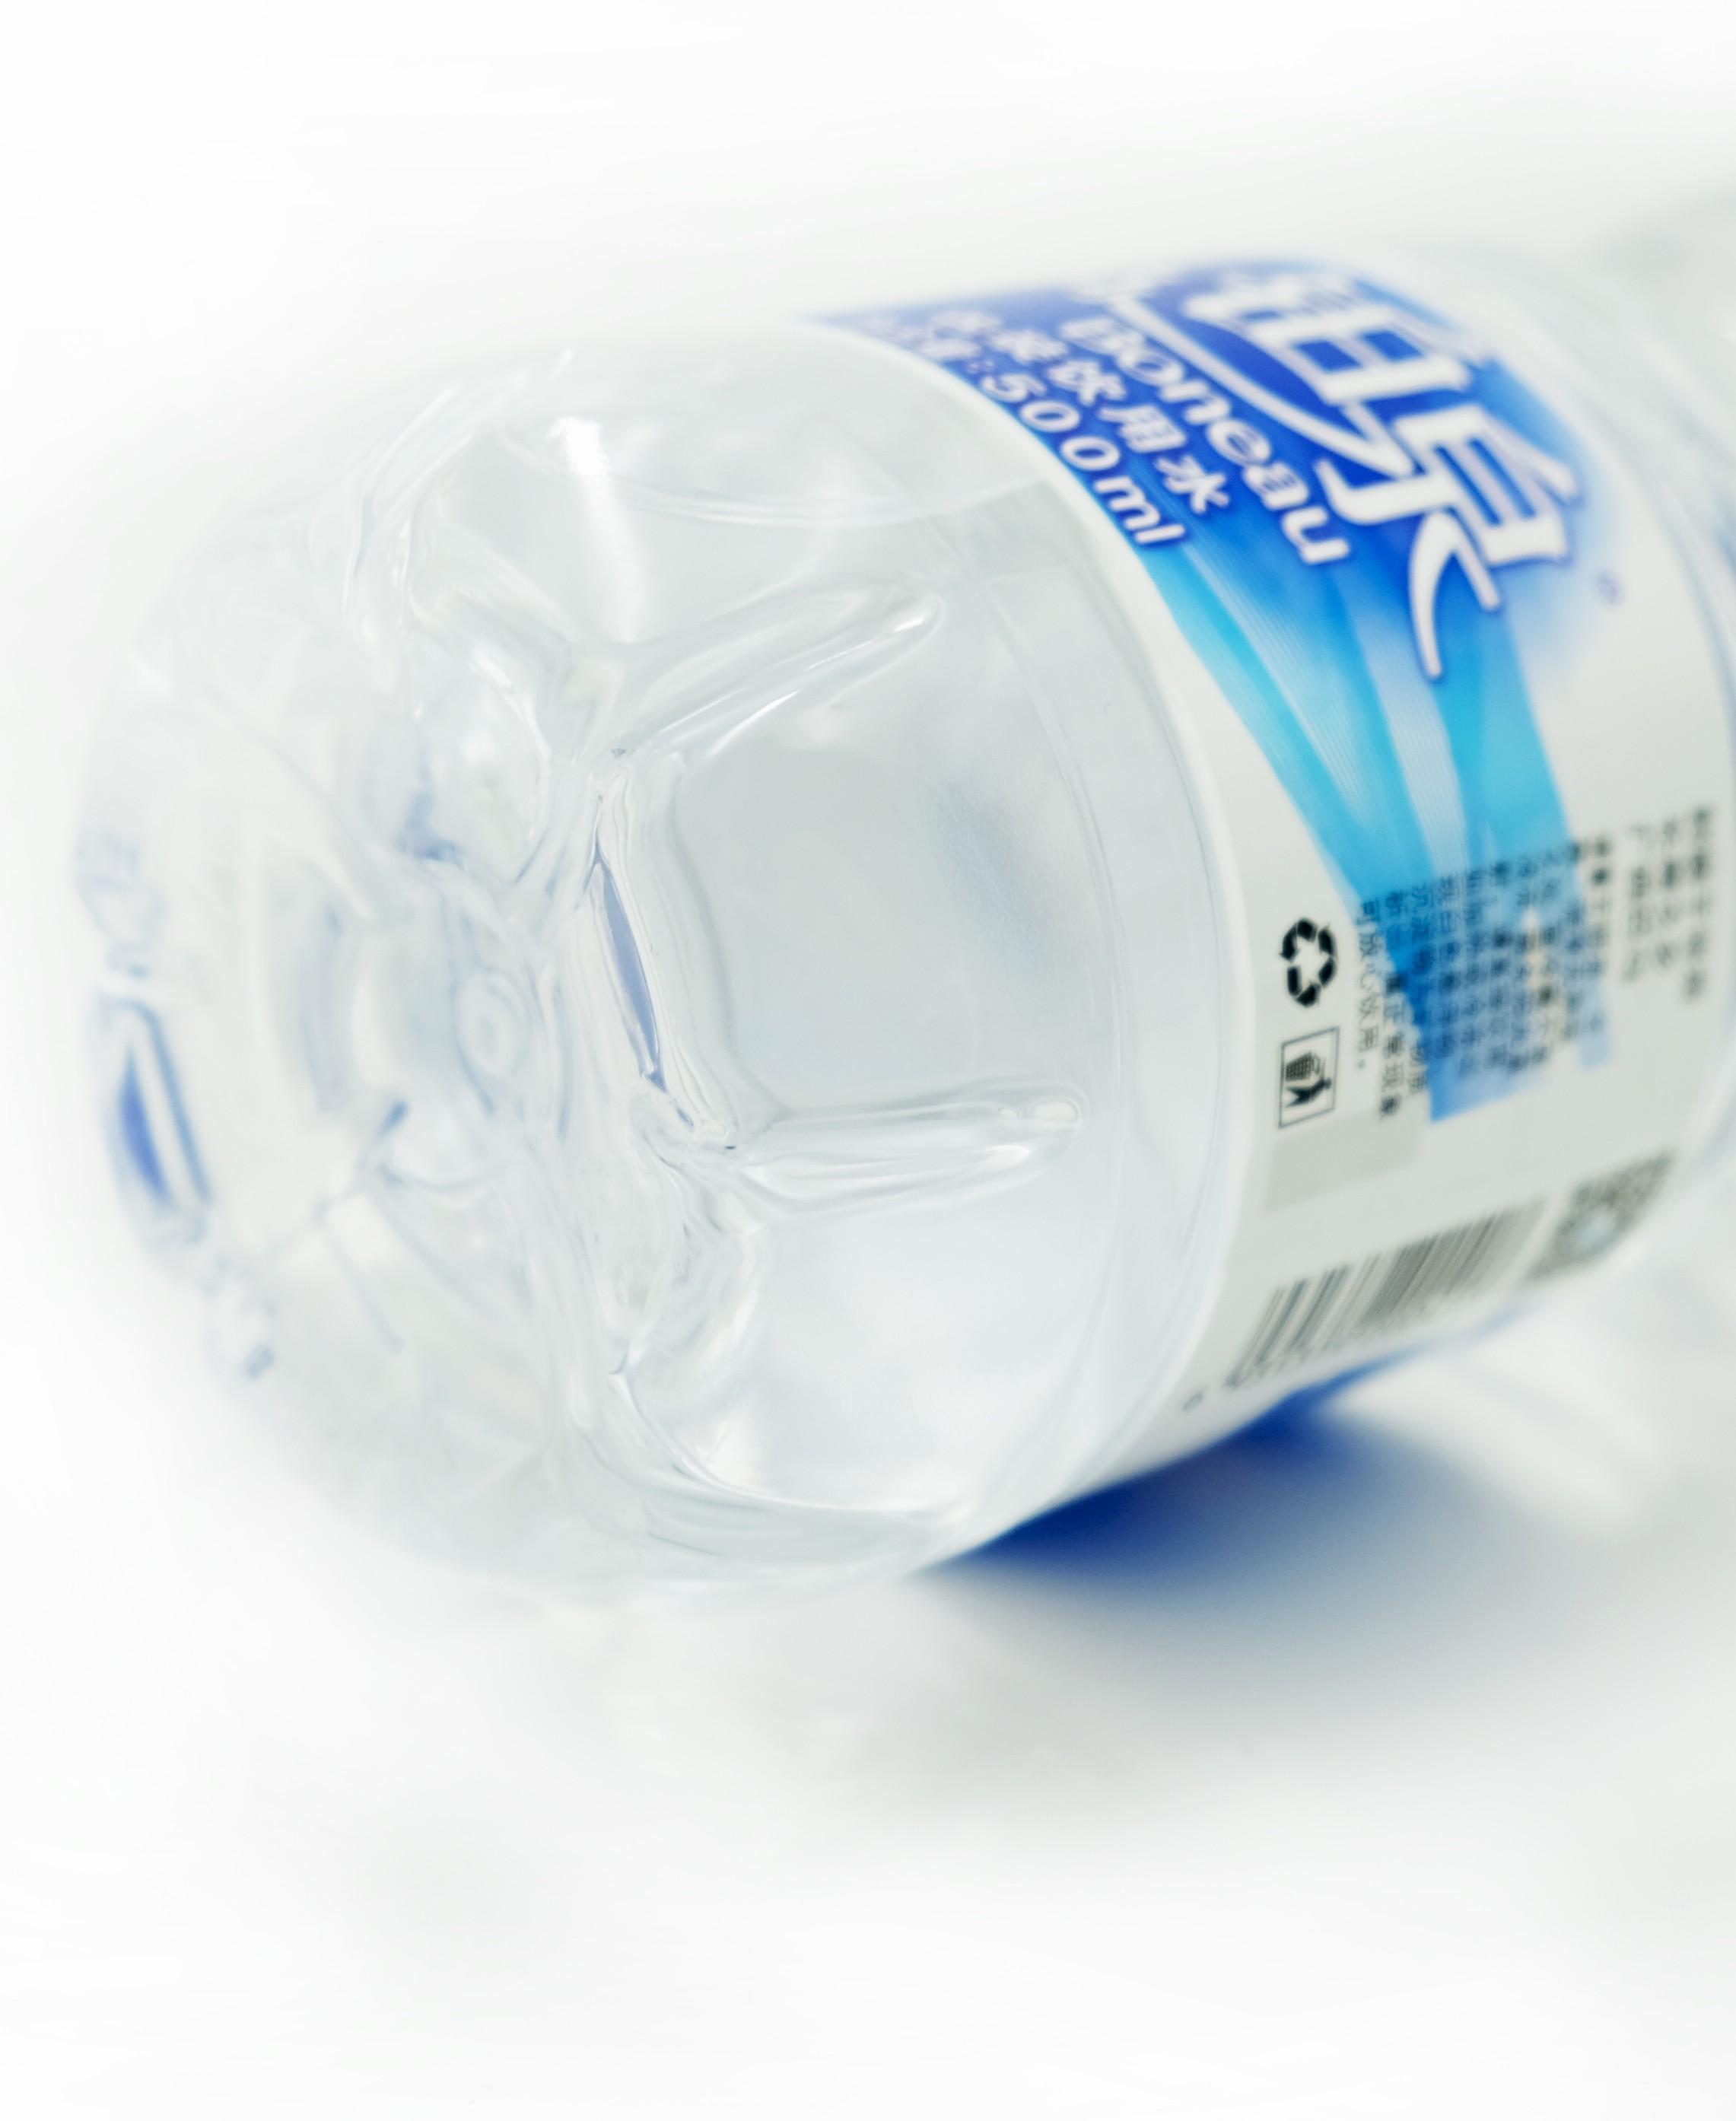 巴马铂泉天然矿泉水葫芦瓶